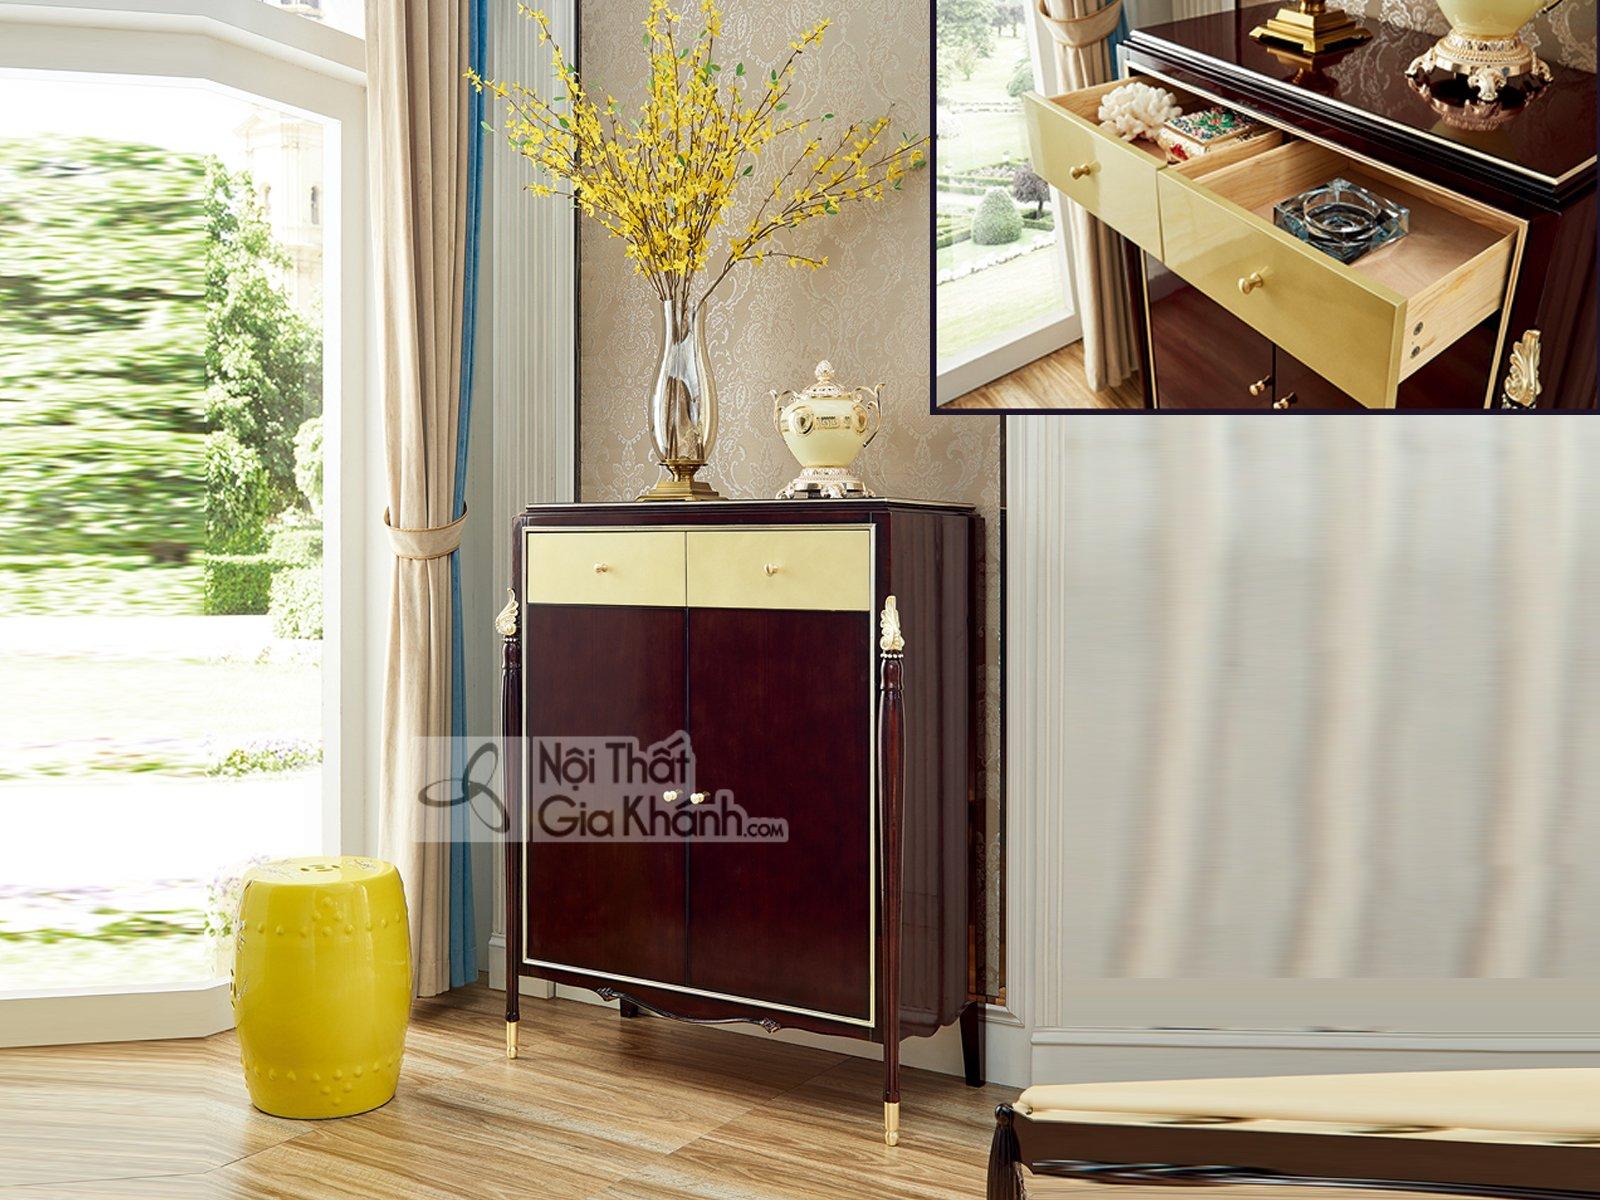 Bộ nội thất phòng khách sang trọng và cao cấp PK307